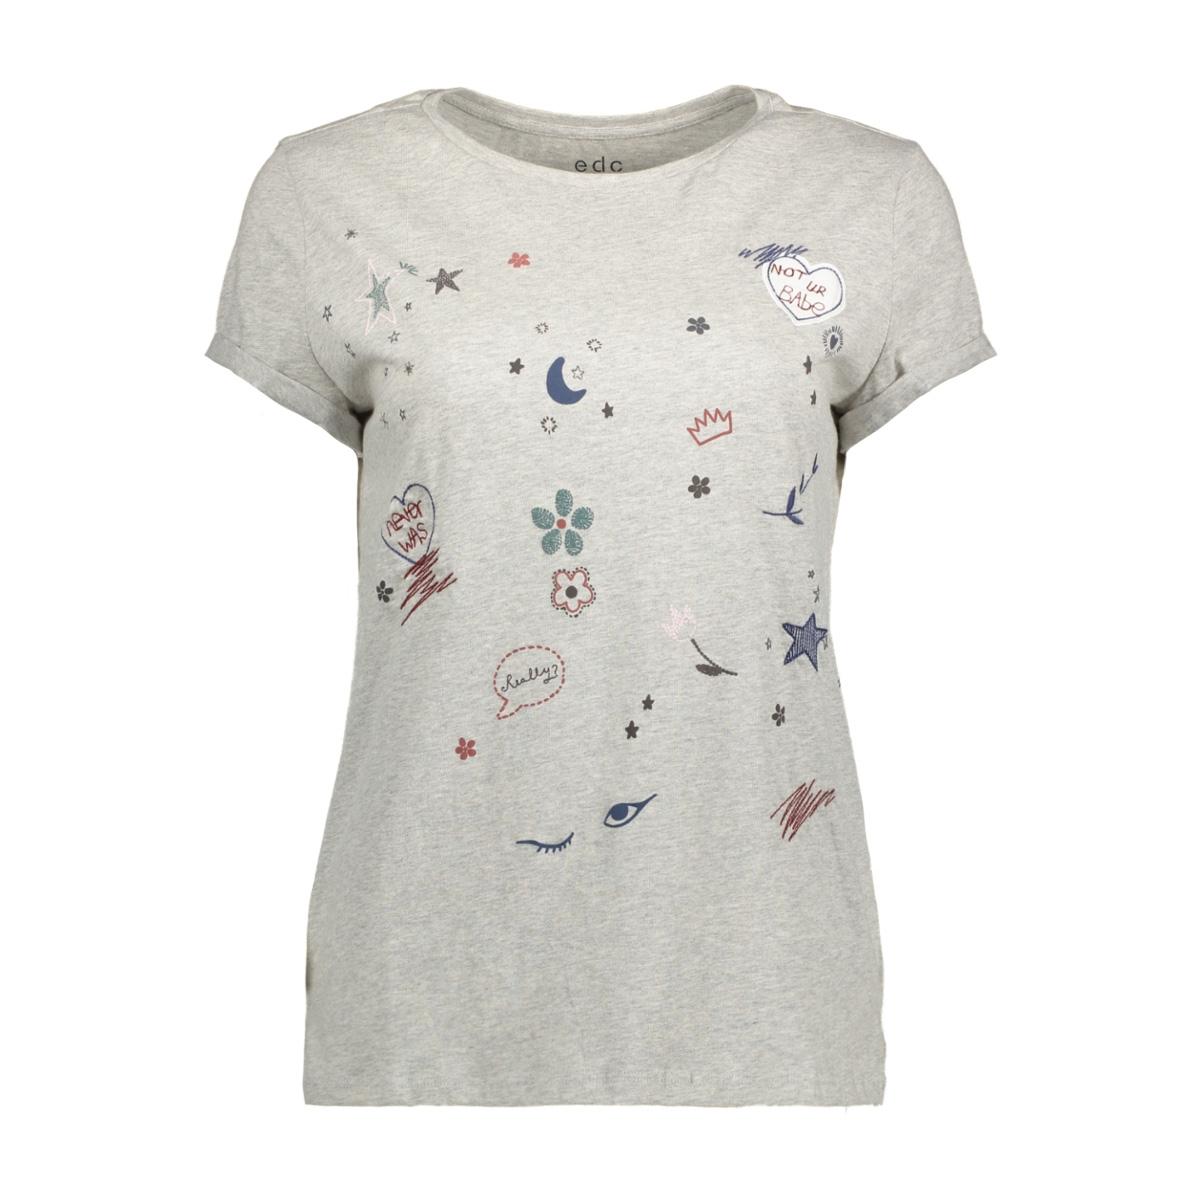 097cc1k055 edc t-shirt c044